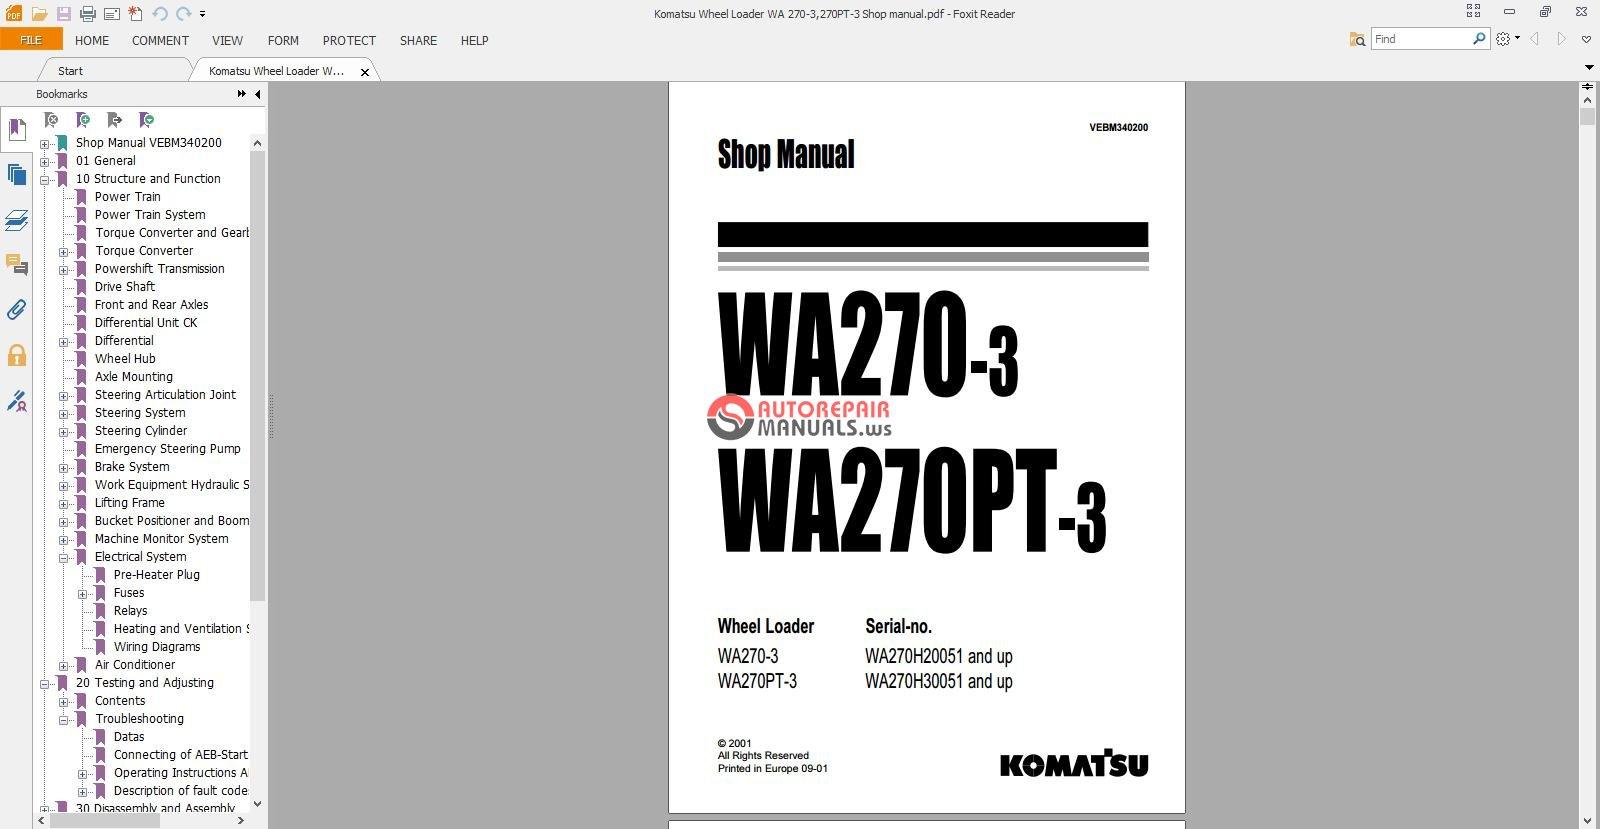 Komatsu Wheel Loader WA 270-3,270PT-3 Shop manual_1.jpg ...